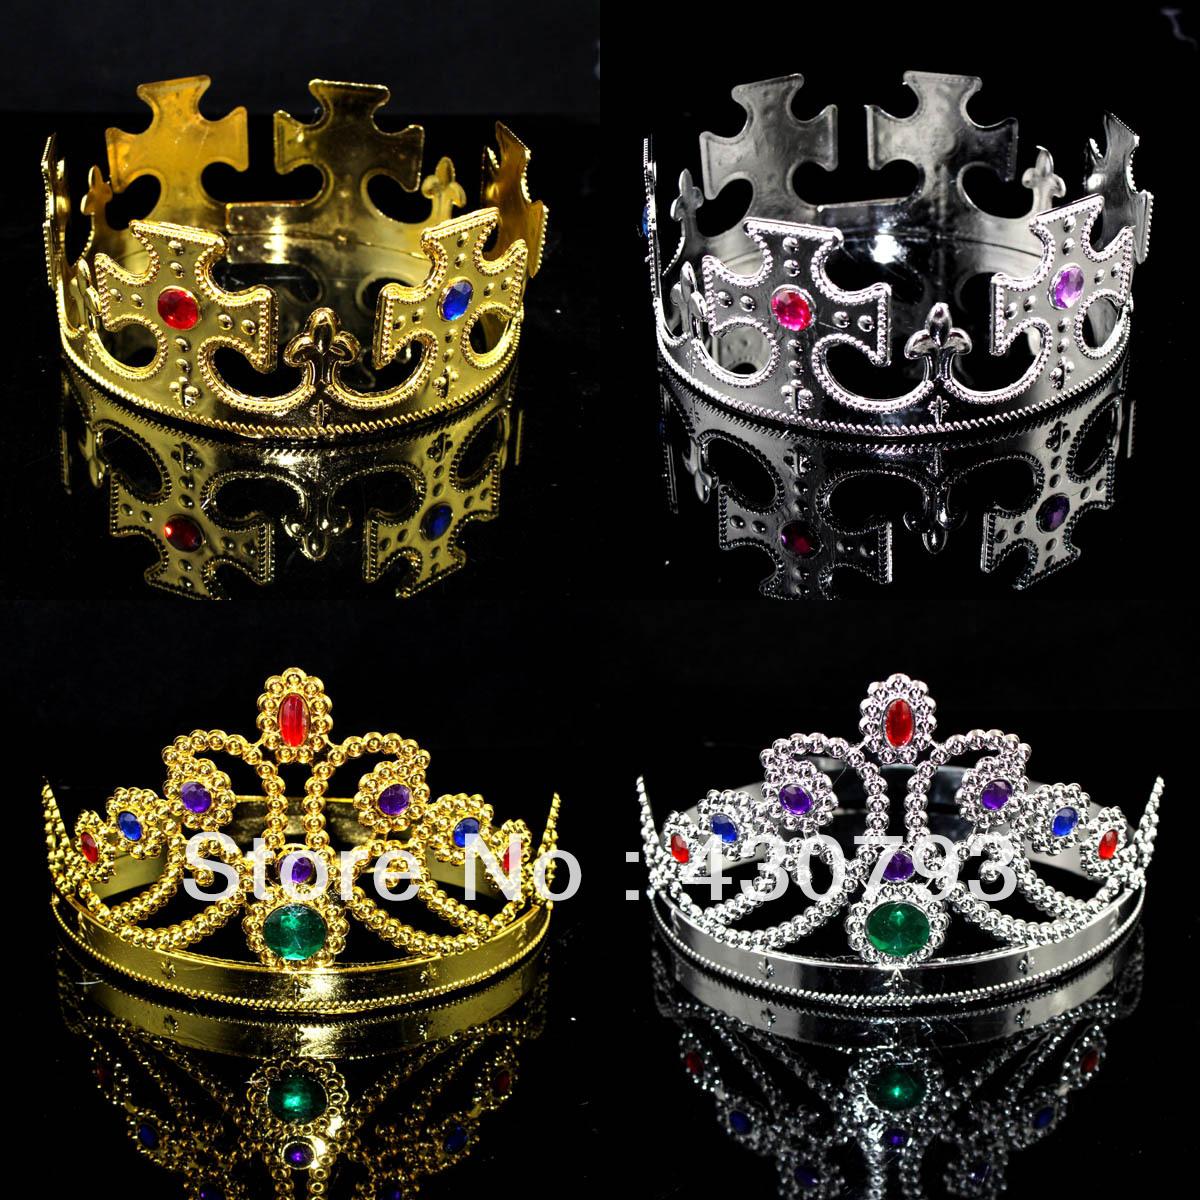 Чайна королева ринга 12 фотография